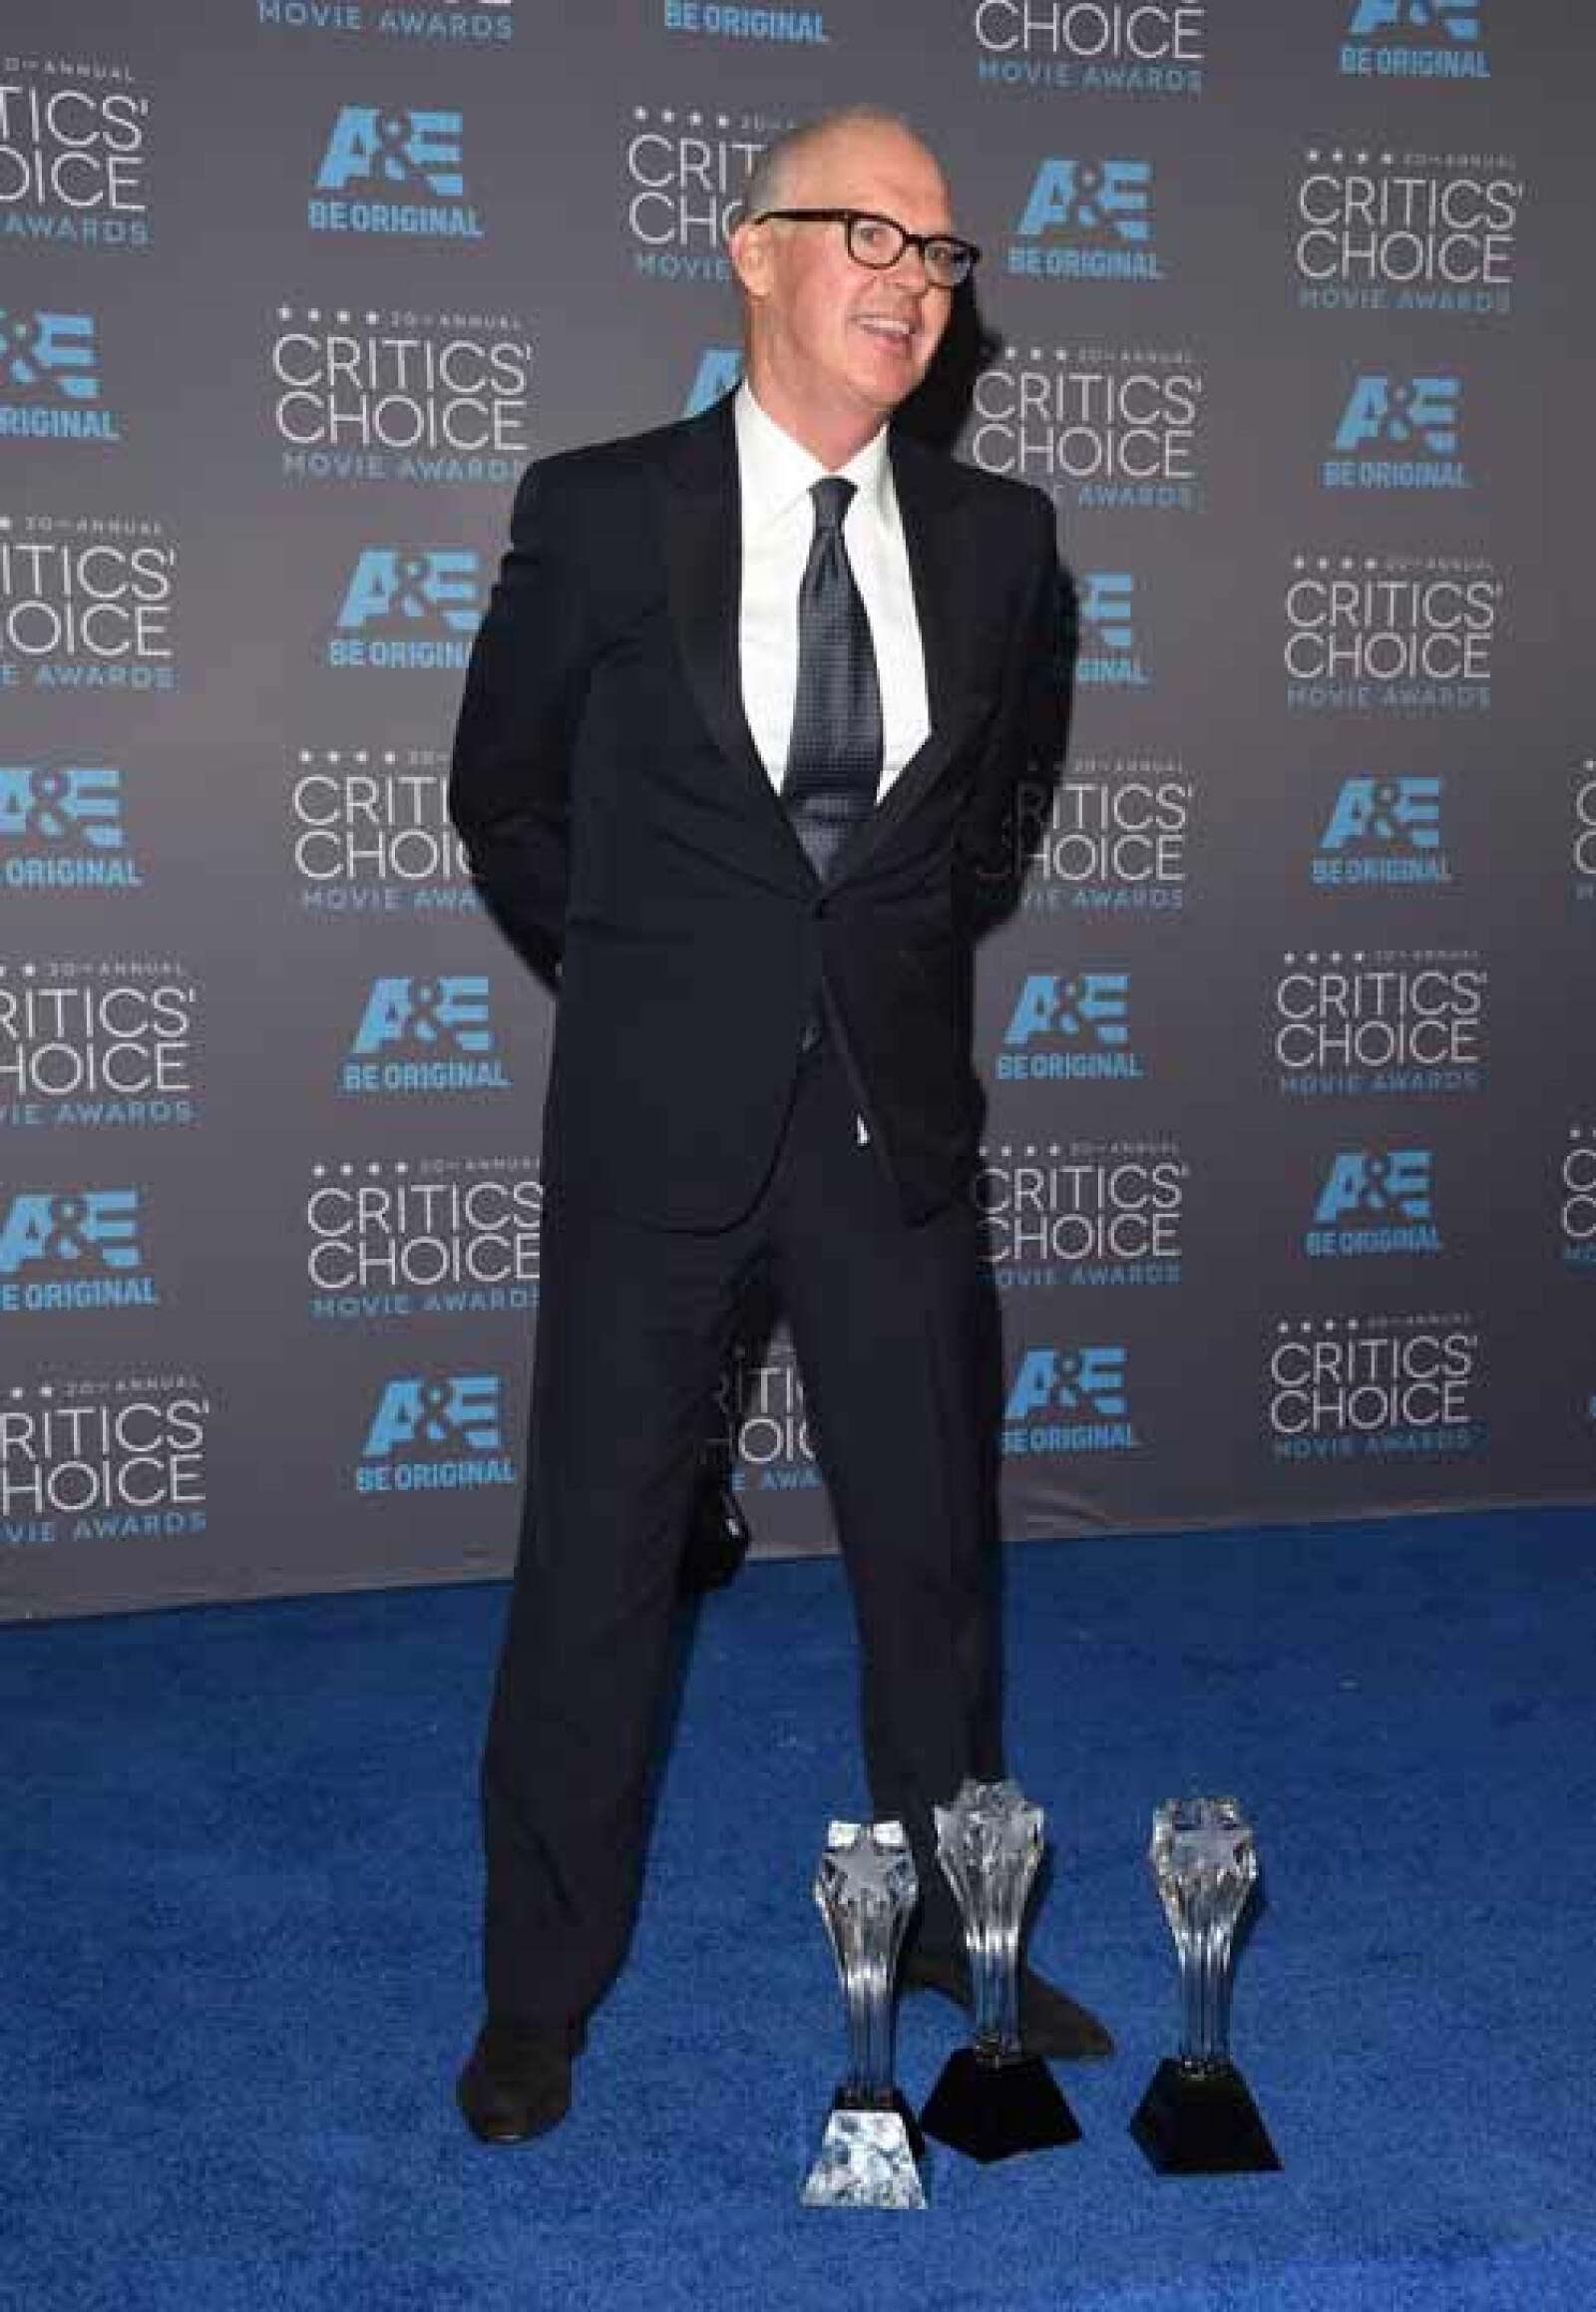 Michael Keaton abrió la noche al recibir el primer premio como Mejor Actuación en Conjunto, y posteriormente presumió todos sus trofeos.